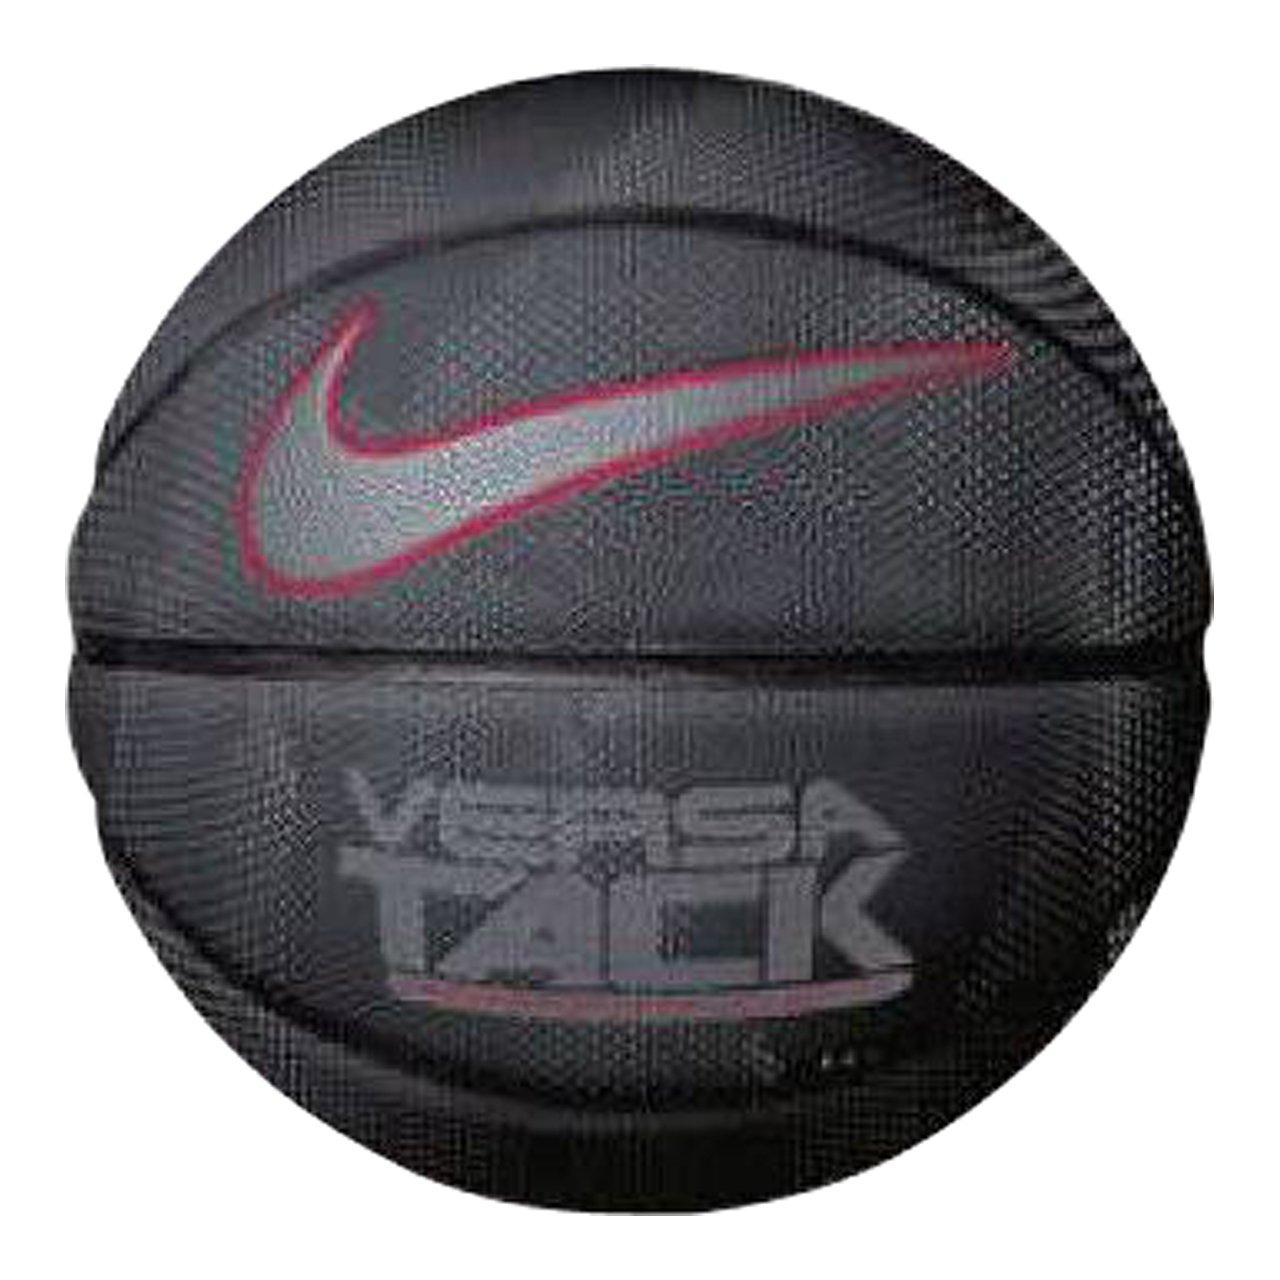 Nike Ball Versa Tack - 7 Schwarz/Red